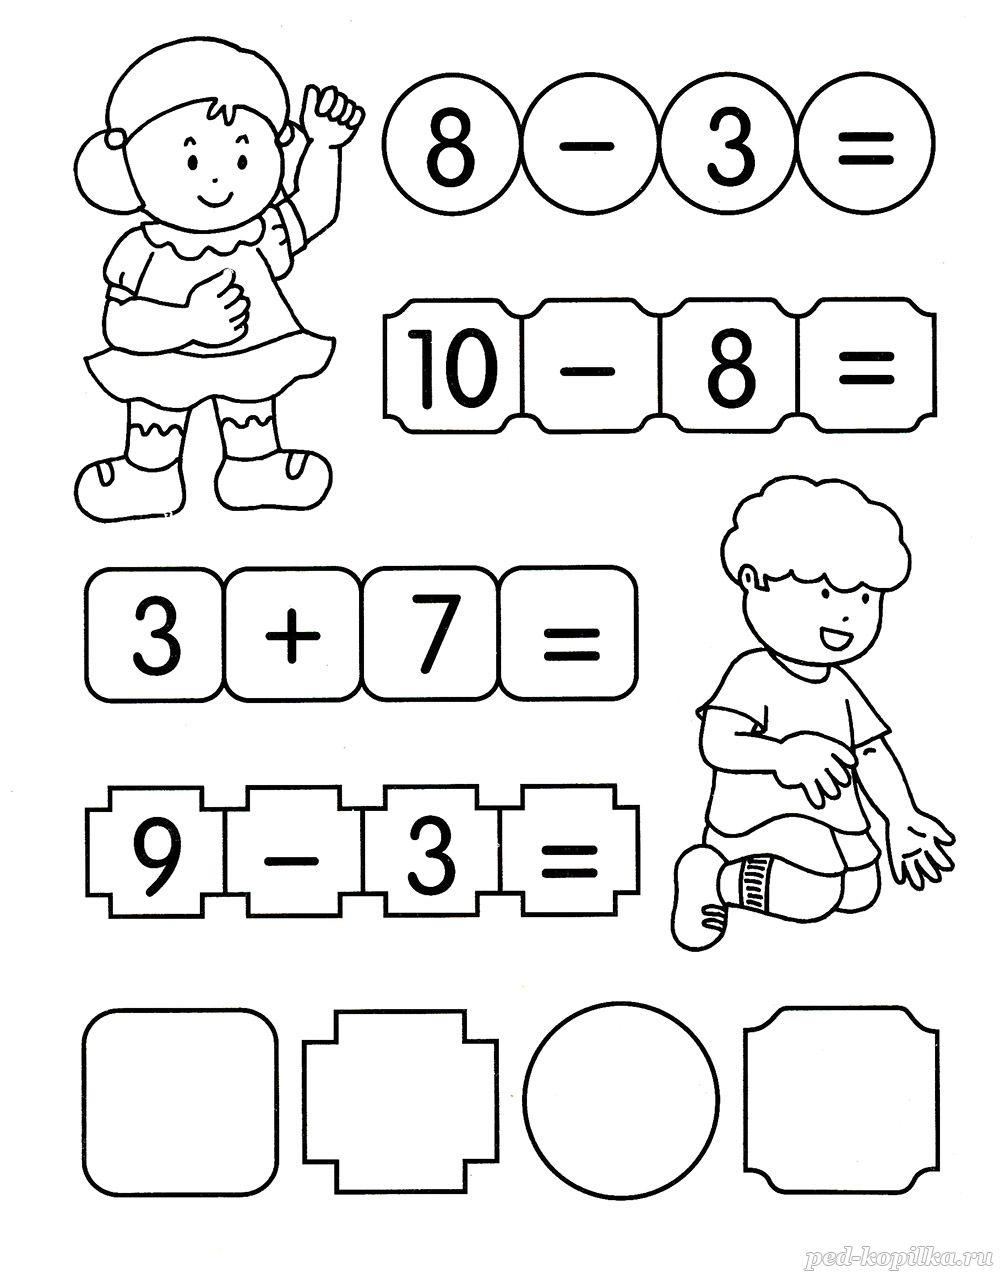 Распечатать задания 6-7 лет математике по дошкольников для Занимательная математика